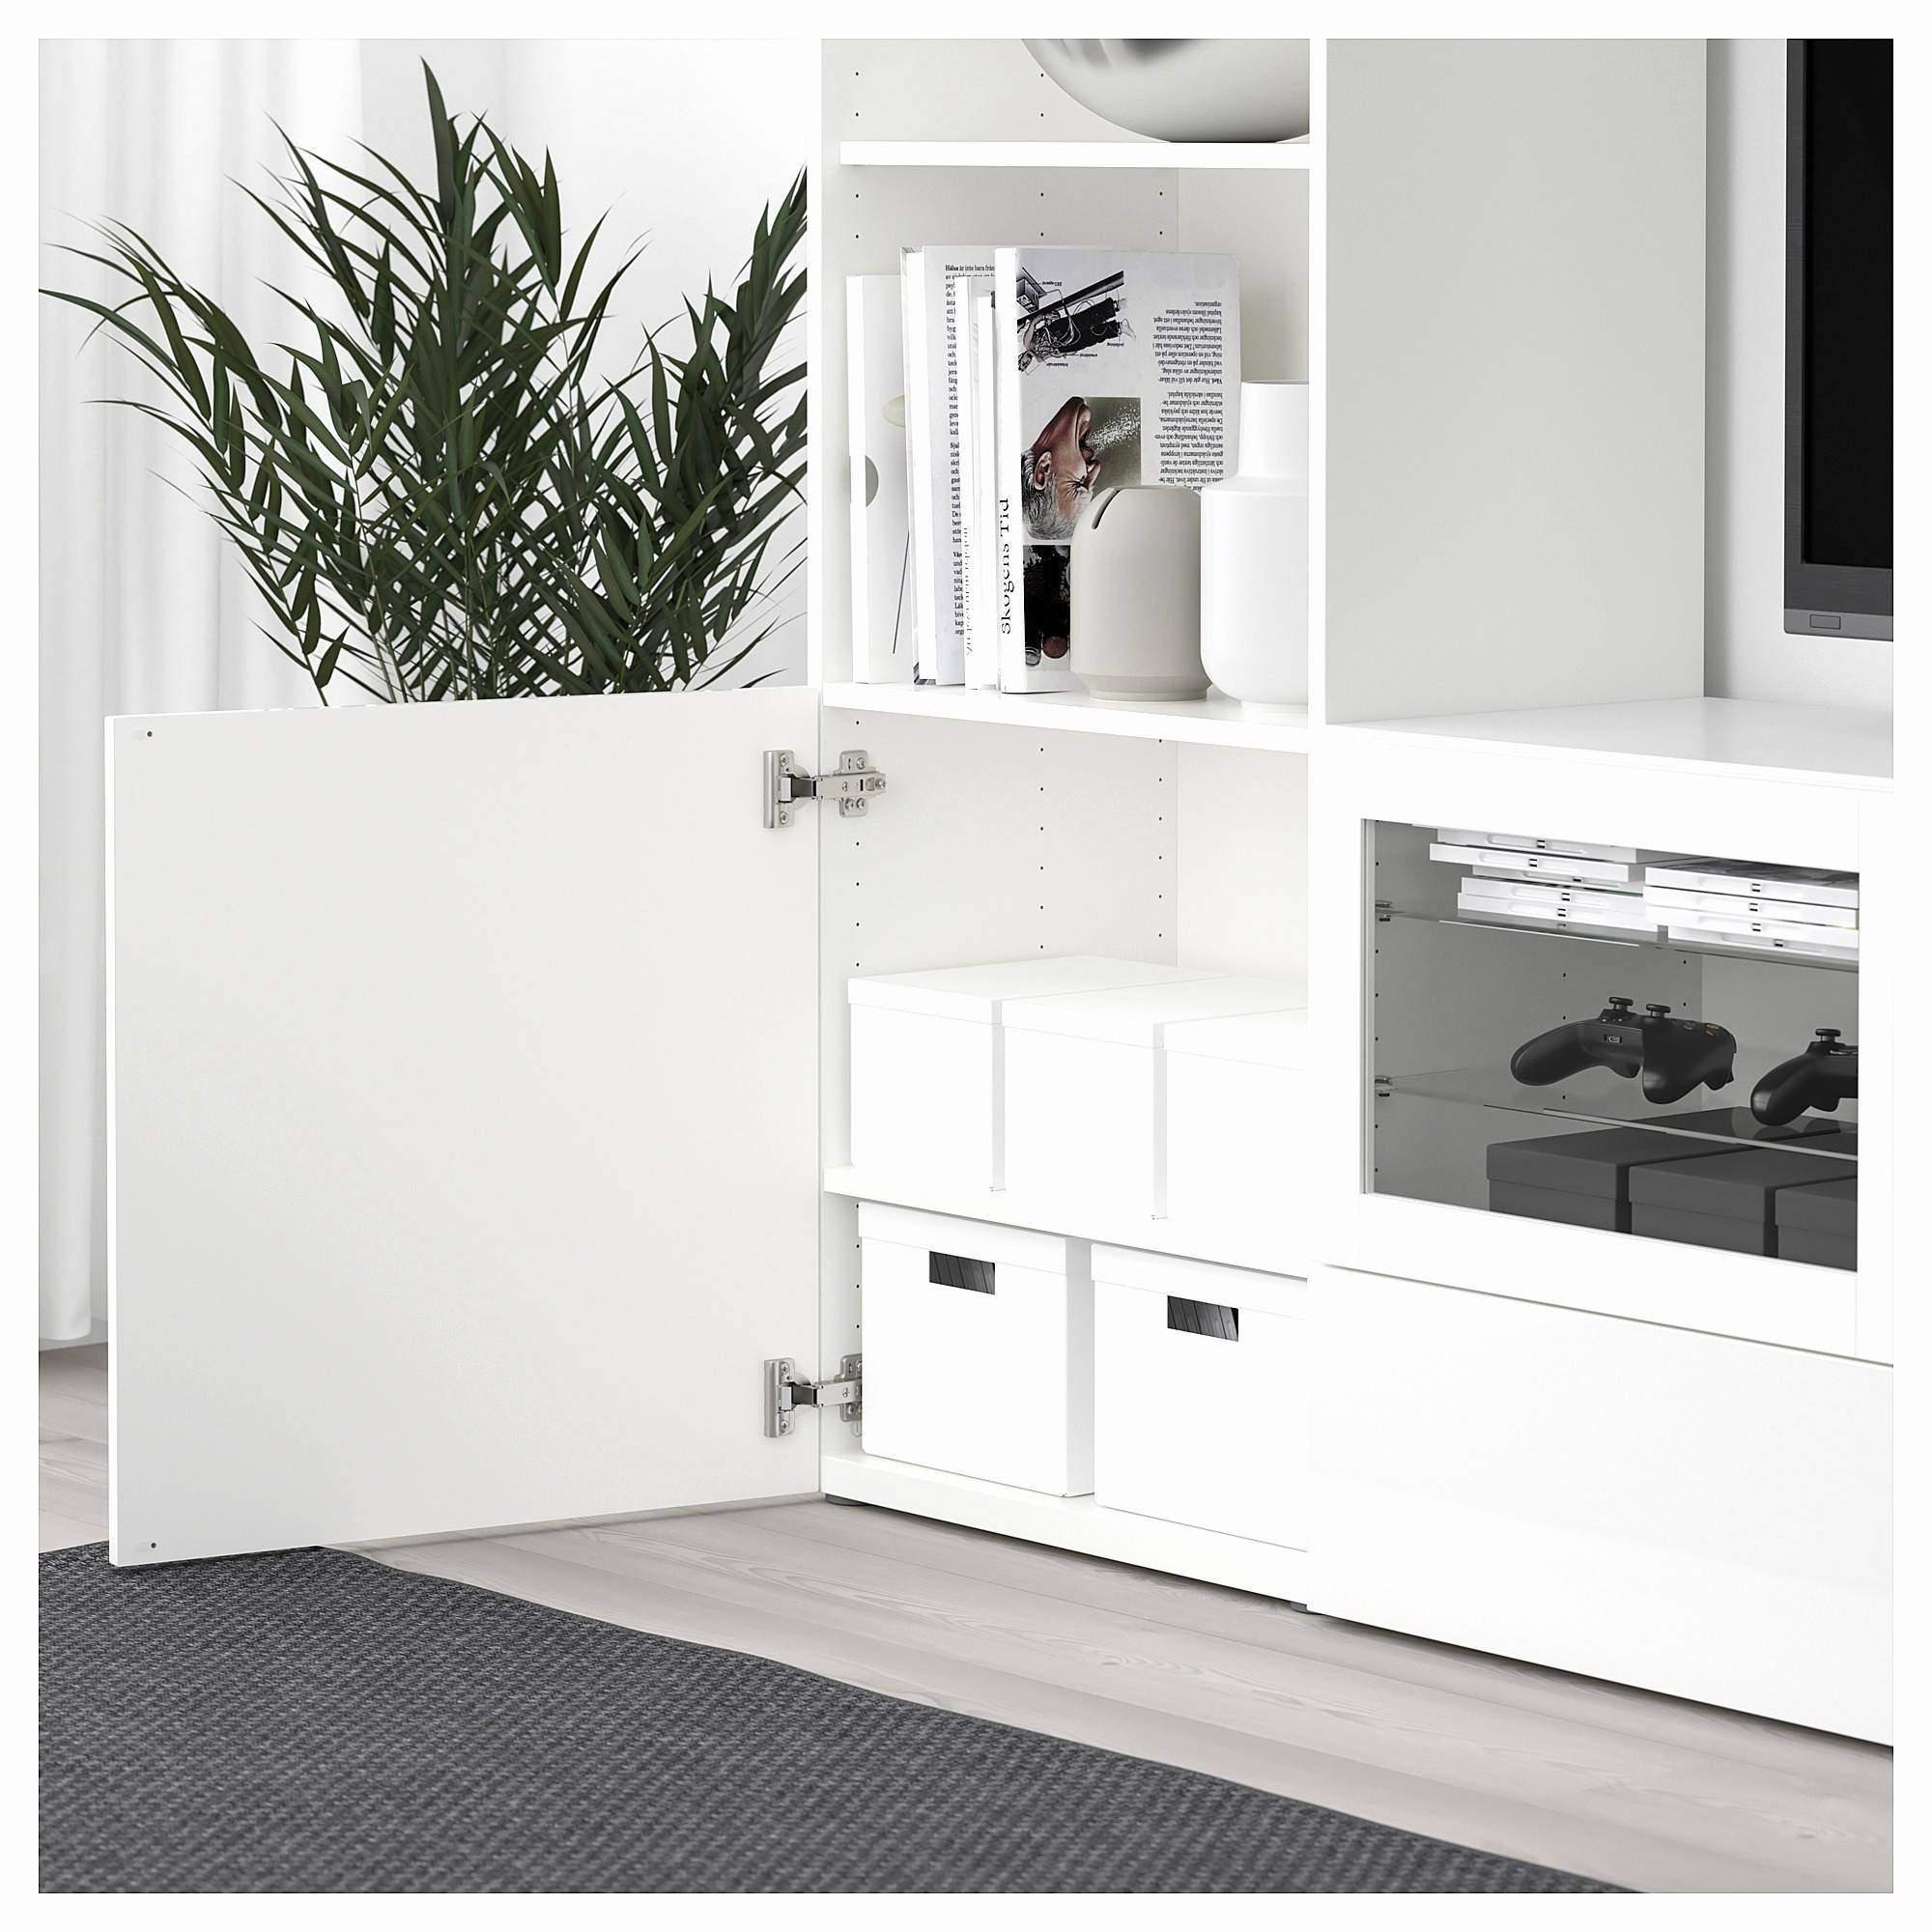 Full Size of Ikea Wohnzimmer Schrank Genial Best Besta Küche Kosten Miniküche Betten 160x200 Kaufen Bei Modulküche Sofa Mit Schlaffunktion Wohnzimmer Ikea Wohnzimmerschrank